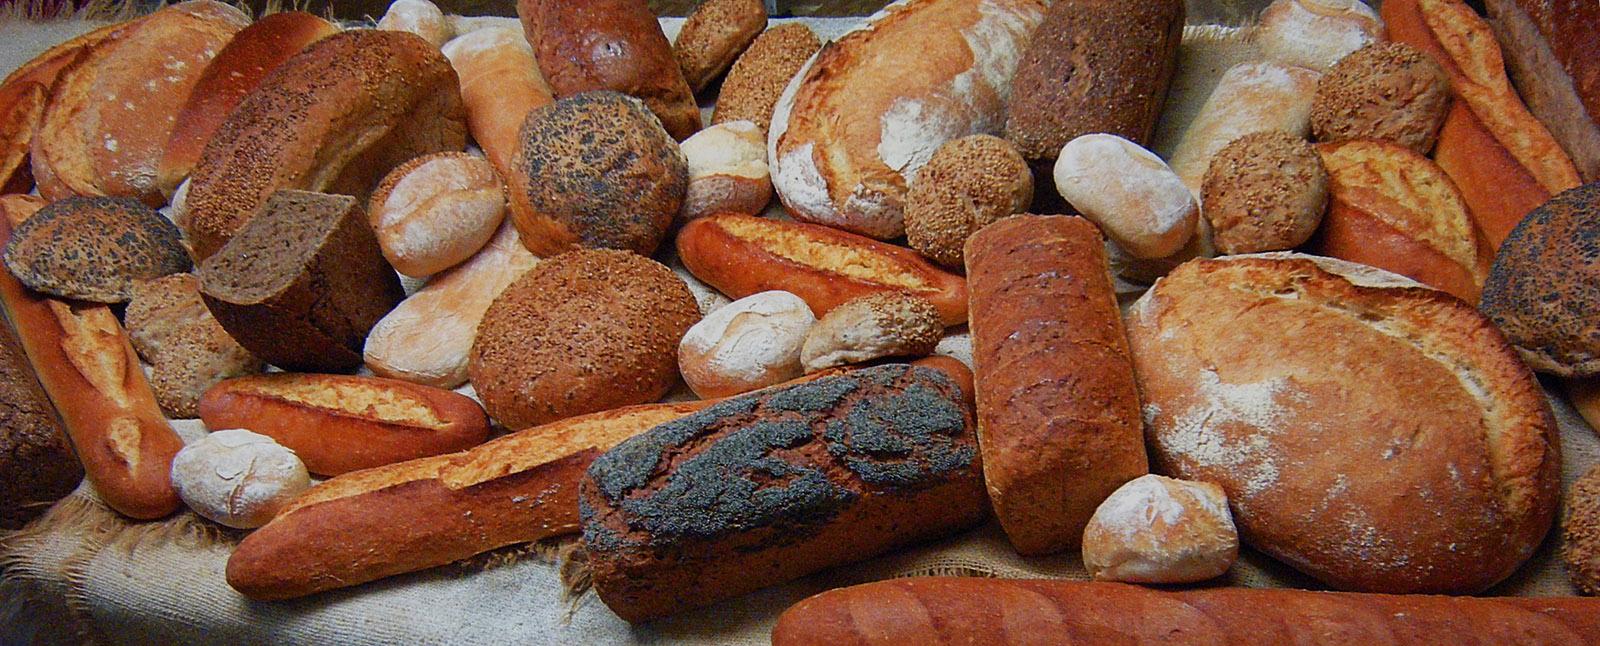 Pa, pan, harina ecológica, farines ecològiques, espelta, kamut, fajol, sarracenoa